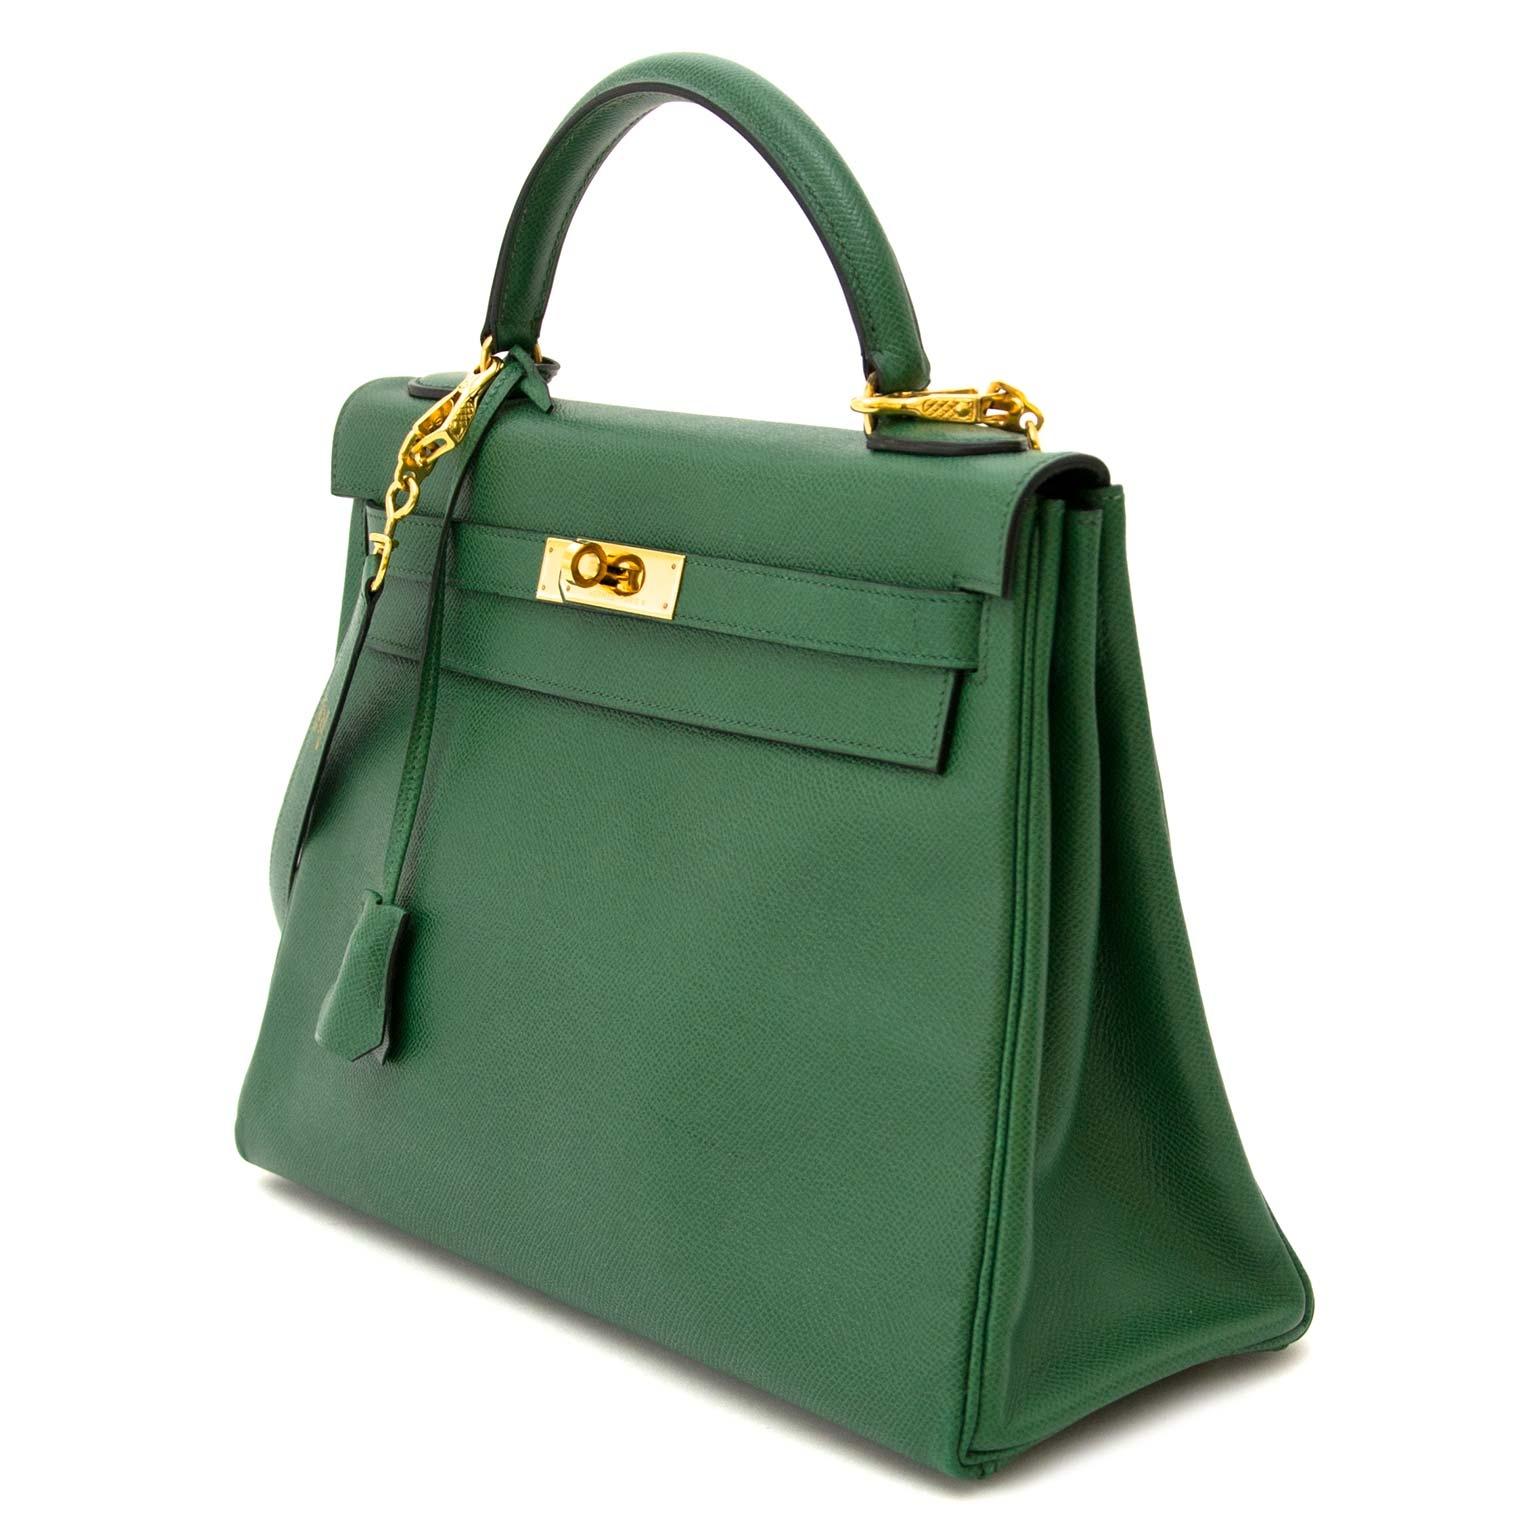 acheter en ligne pour le Hermes Kelly 32 Vert Bengal Courchevel Leather